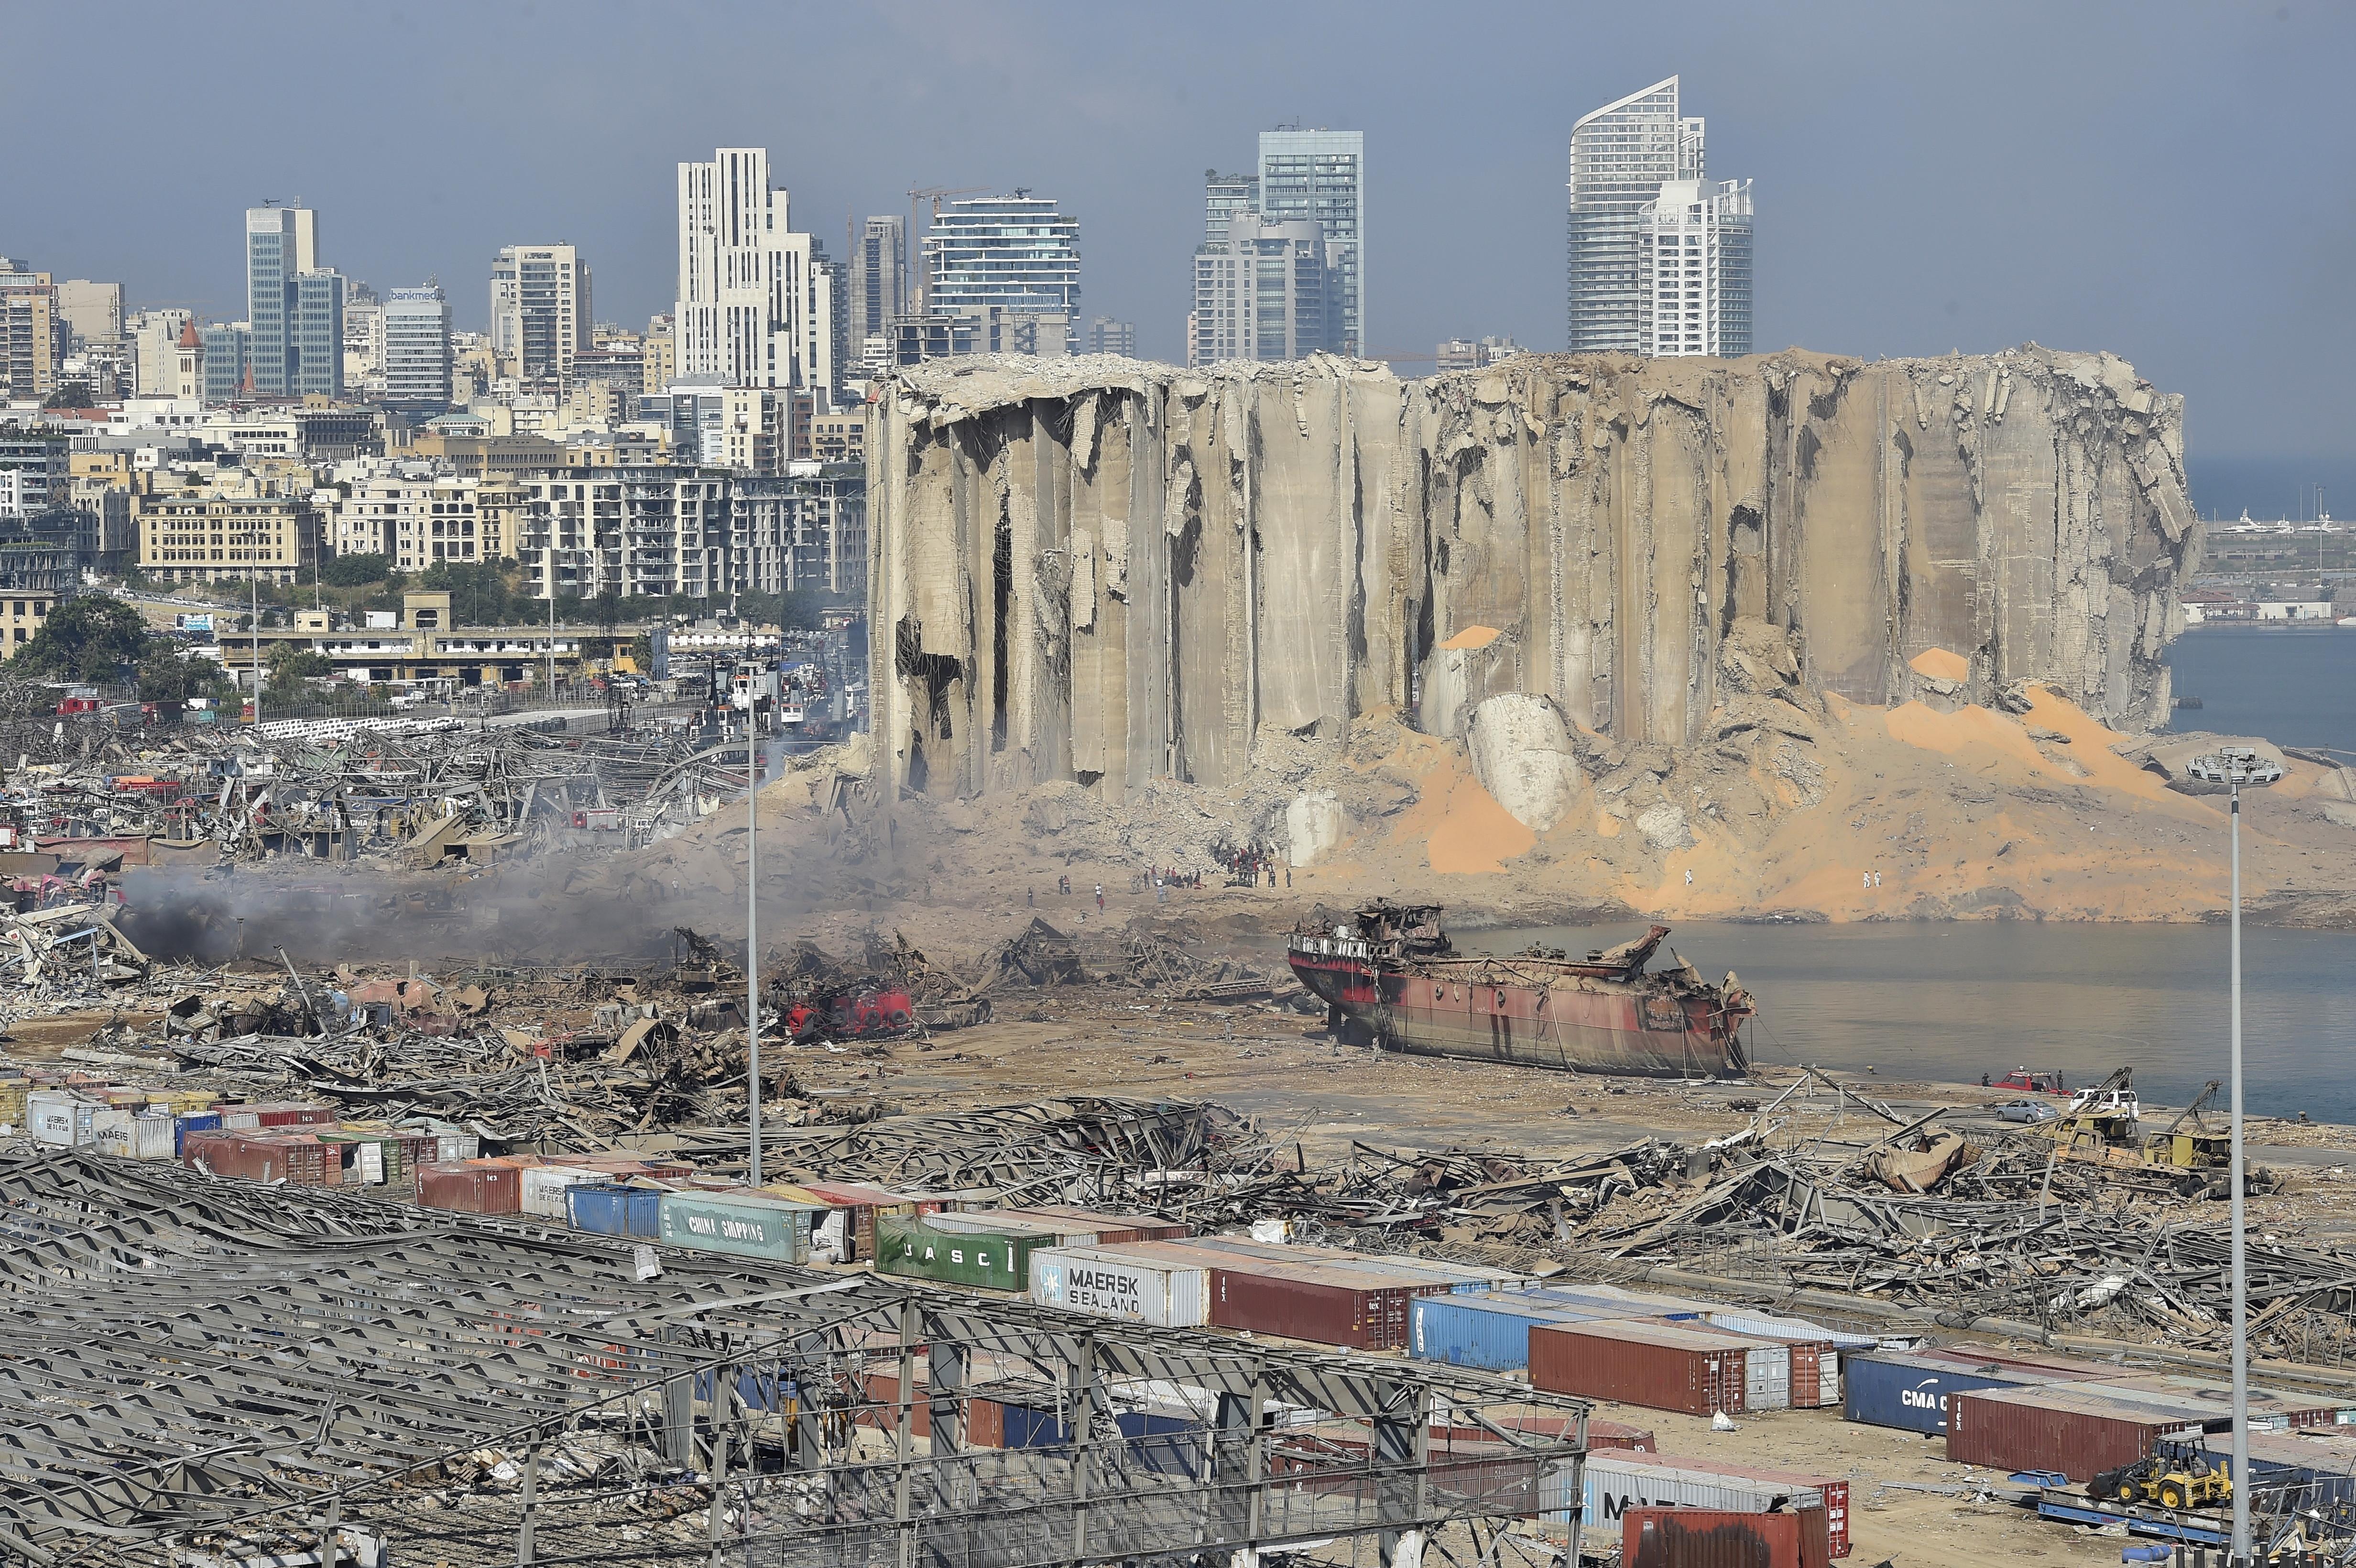 Explozie devastatoare în Beirut. Peste 200.000 de oameni au rămas fără locuinţe